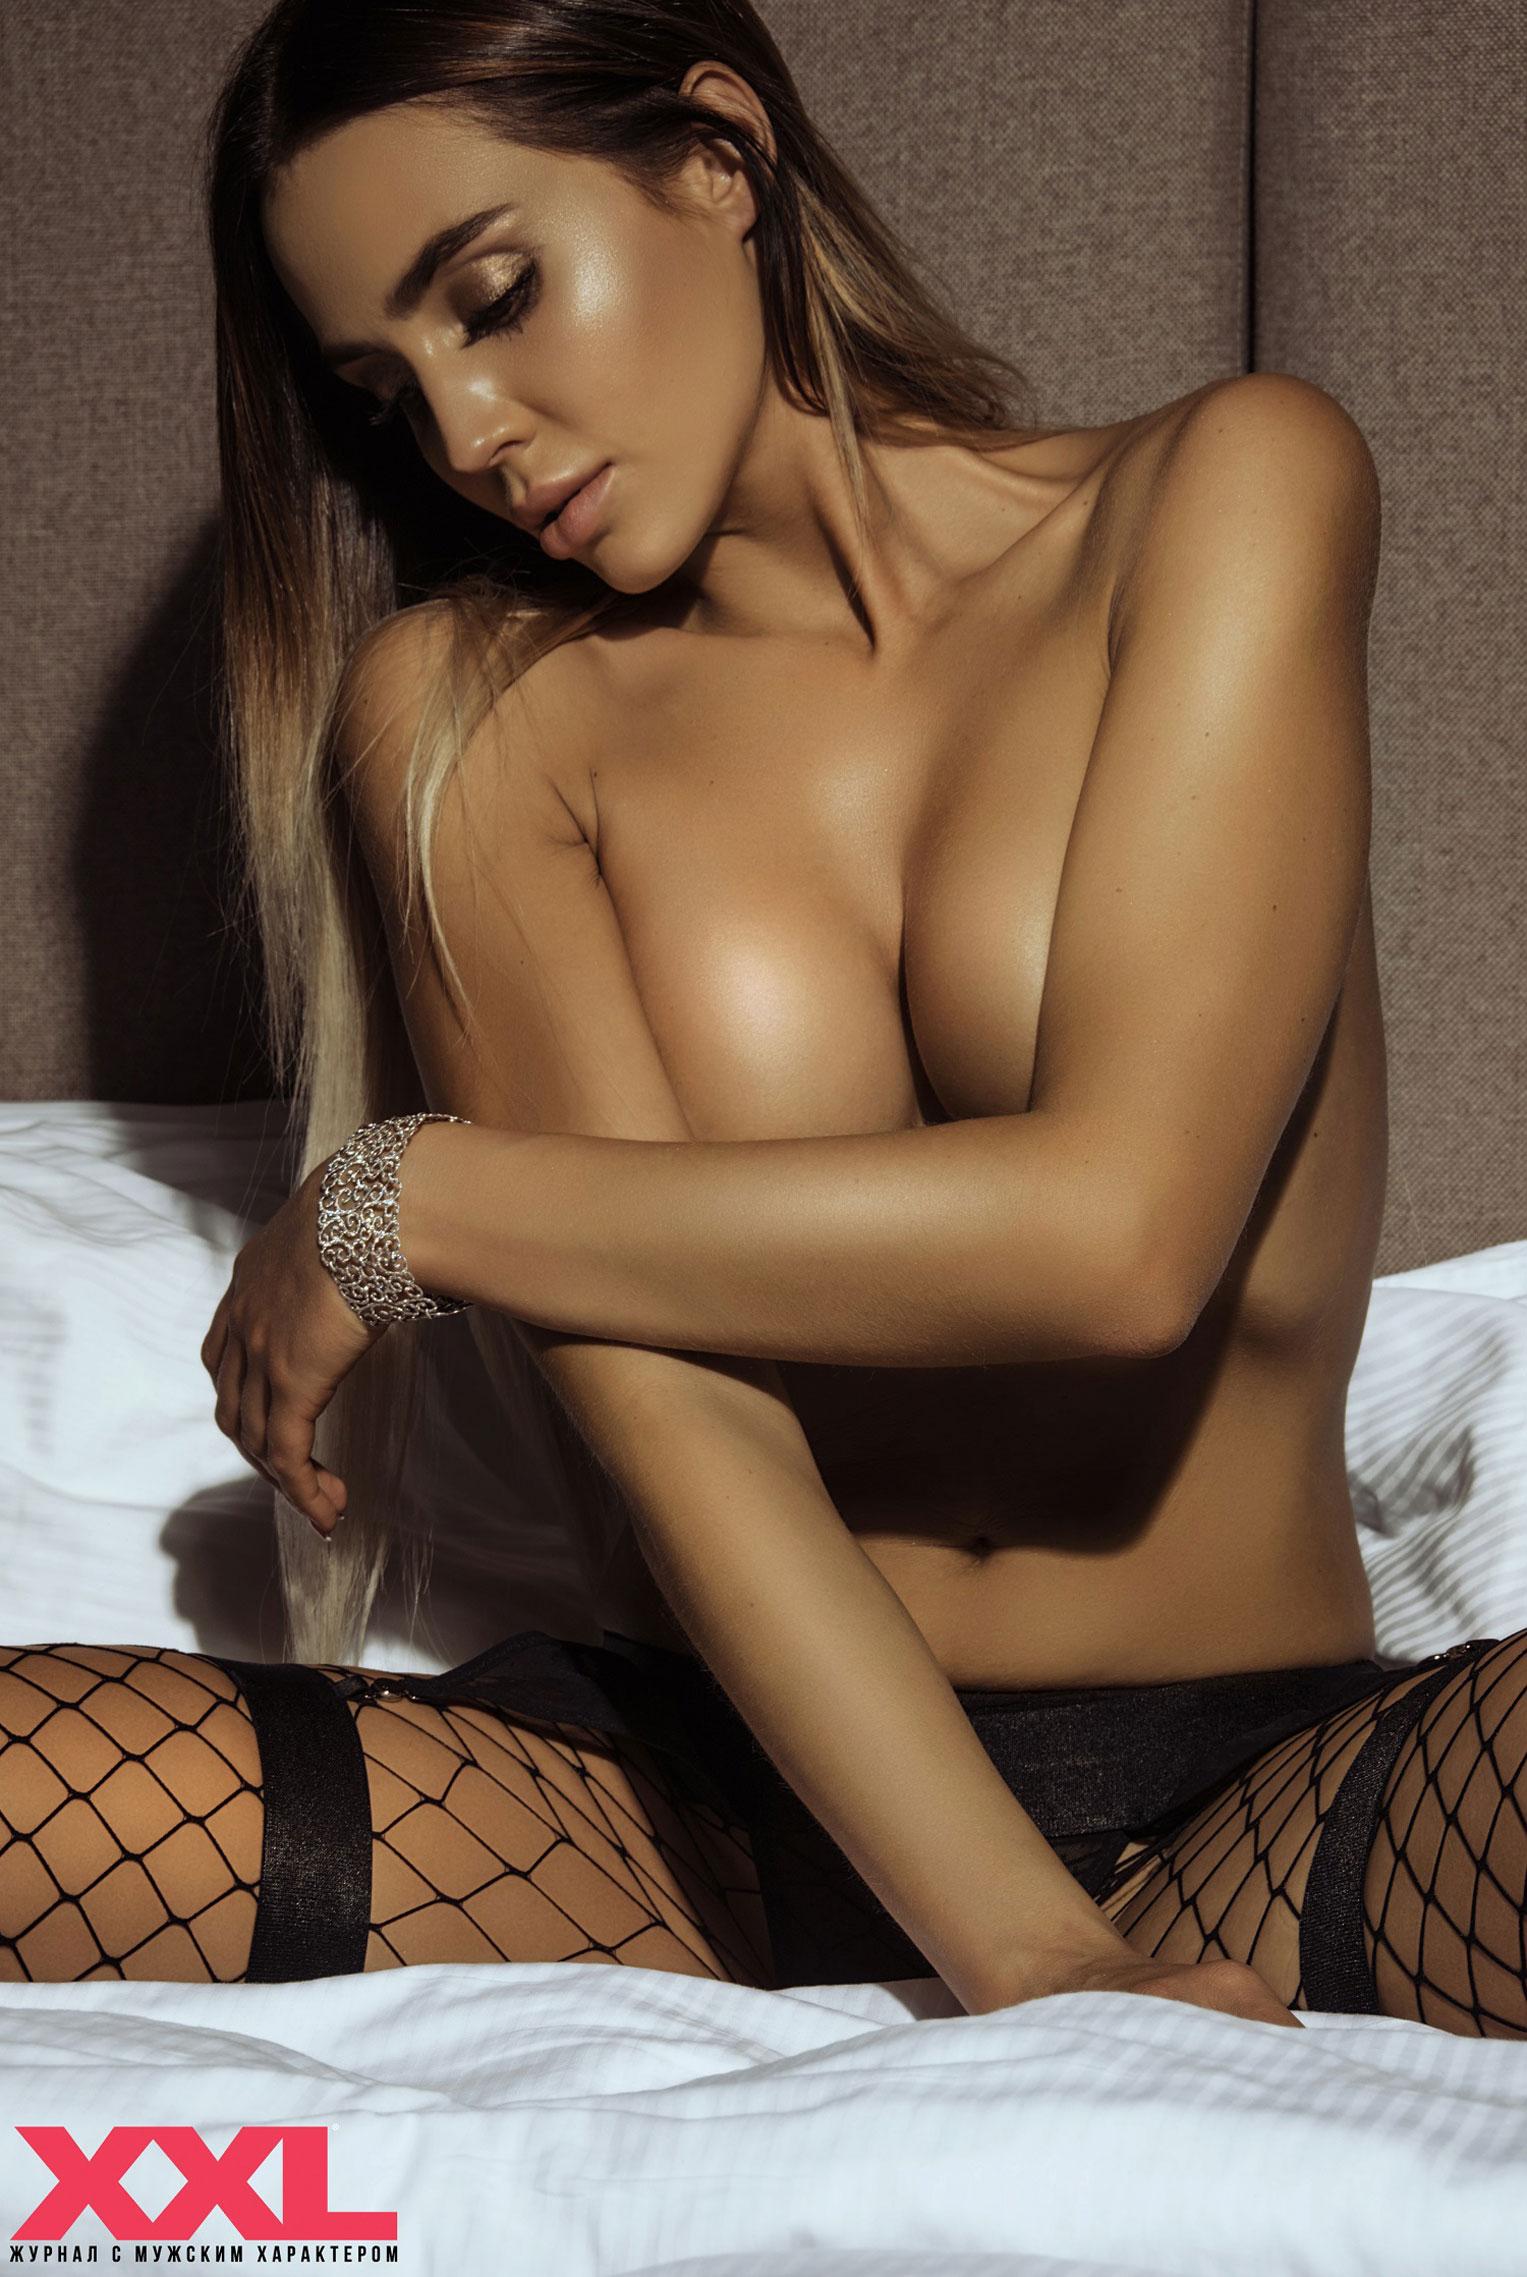 Актриса, модель и телеведущая Эмма Ди голая в мужском журнале XXL / фото 06